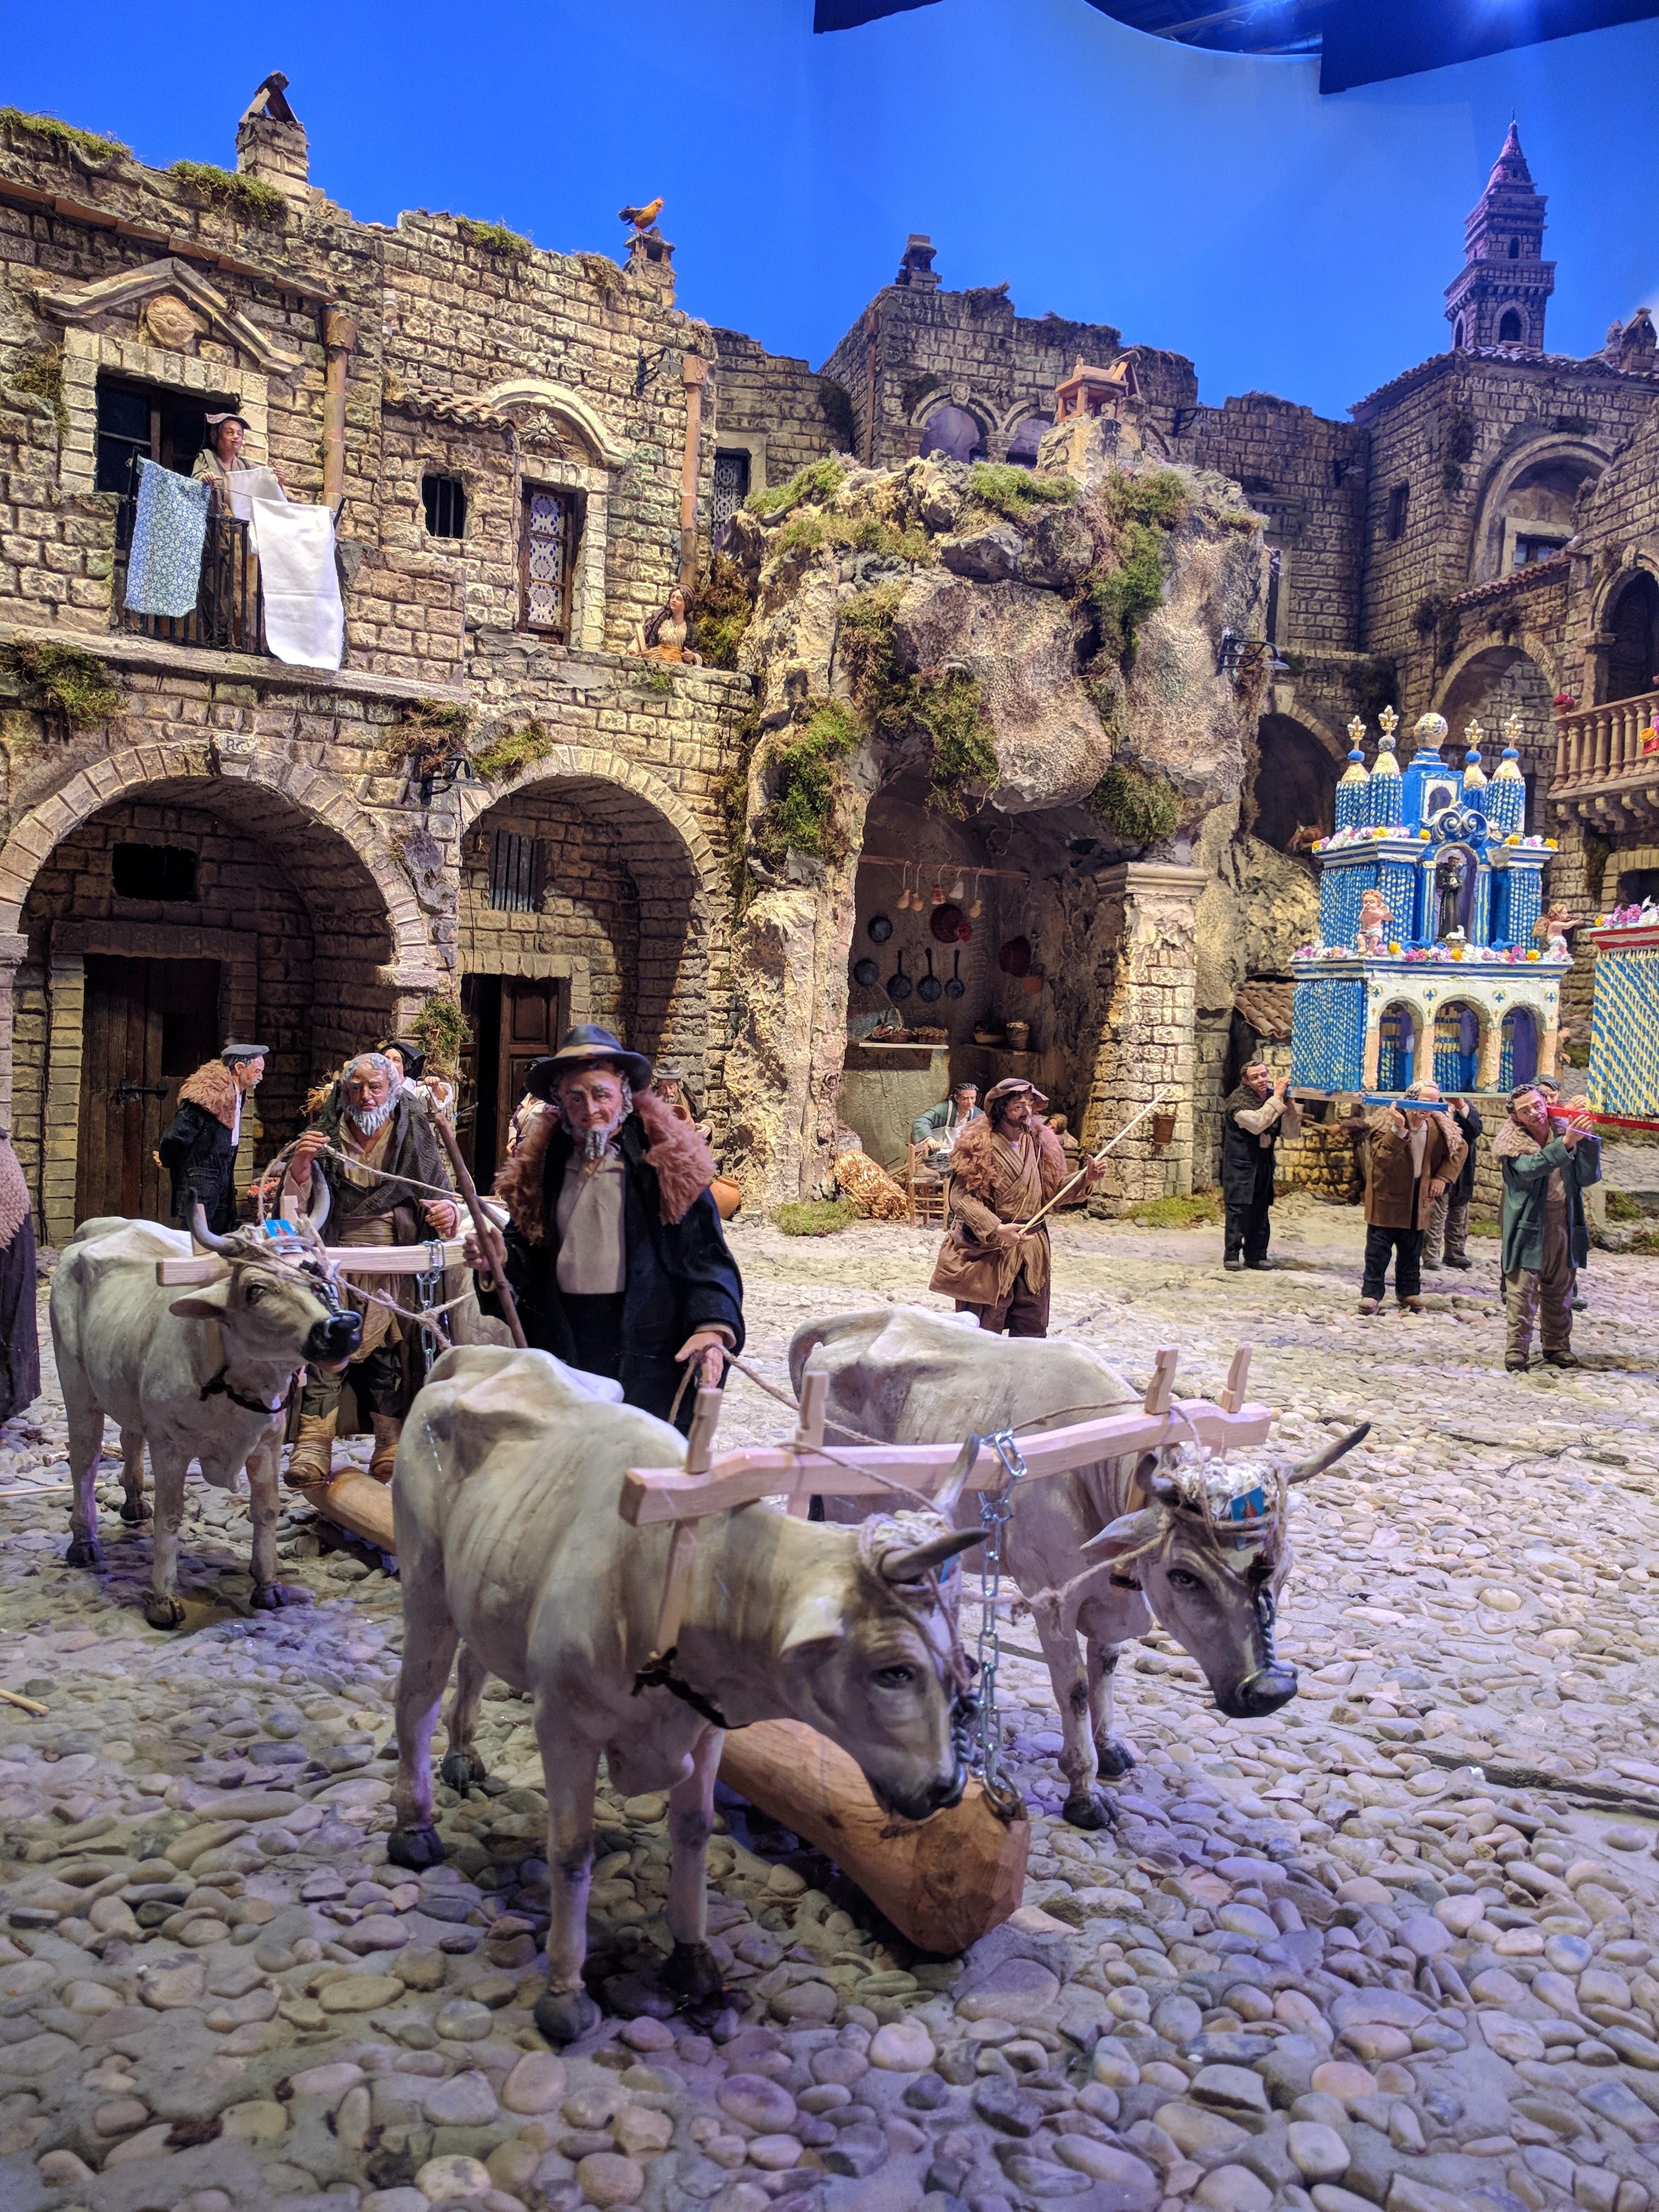 La luce della Natività : Mattarella inaugura il presepe di Matera